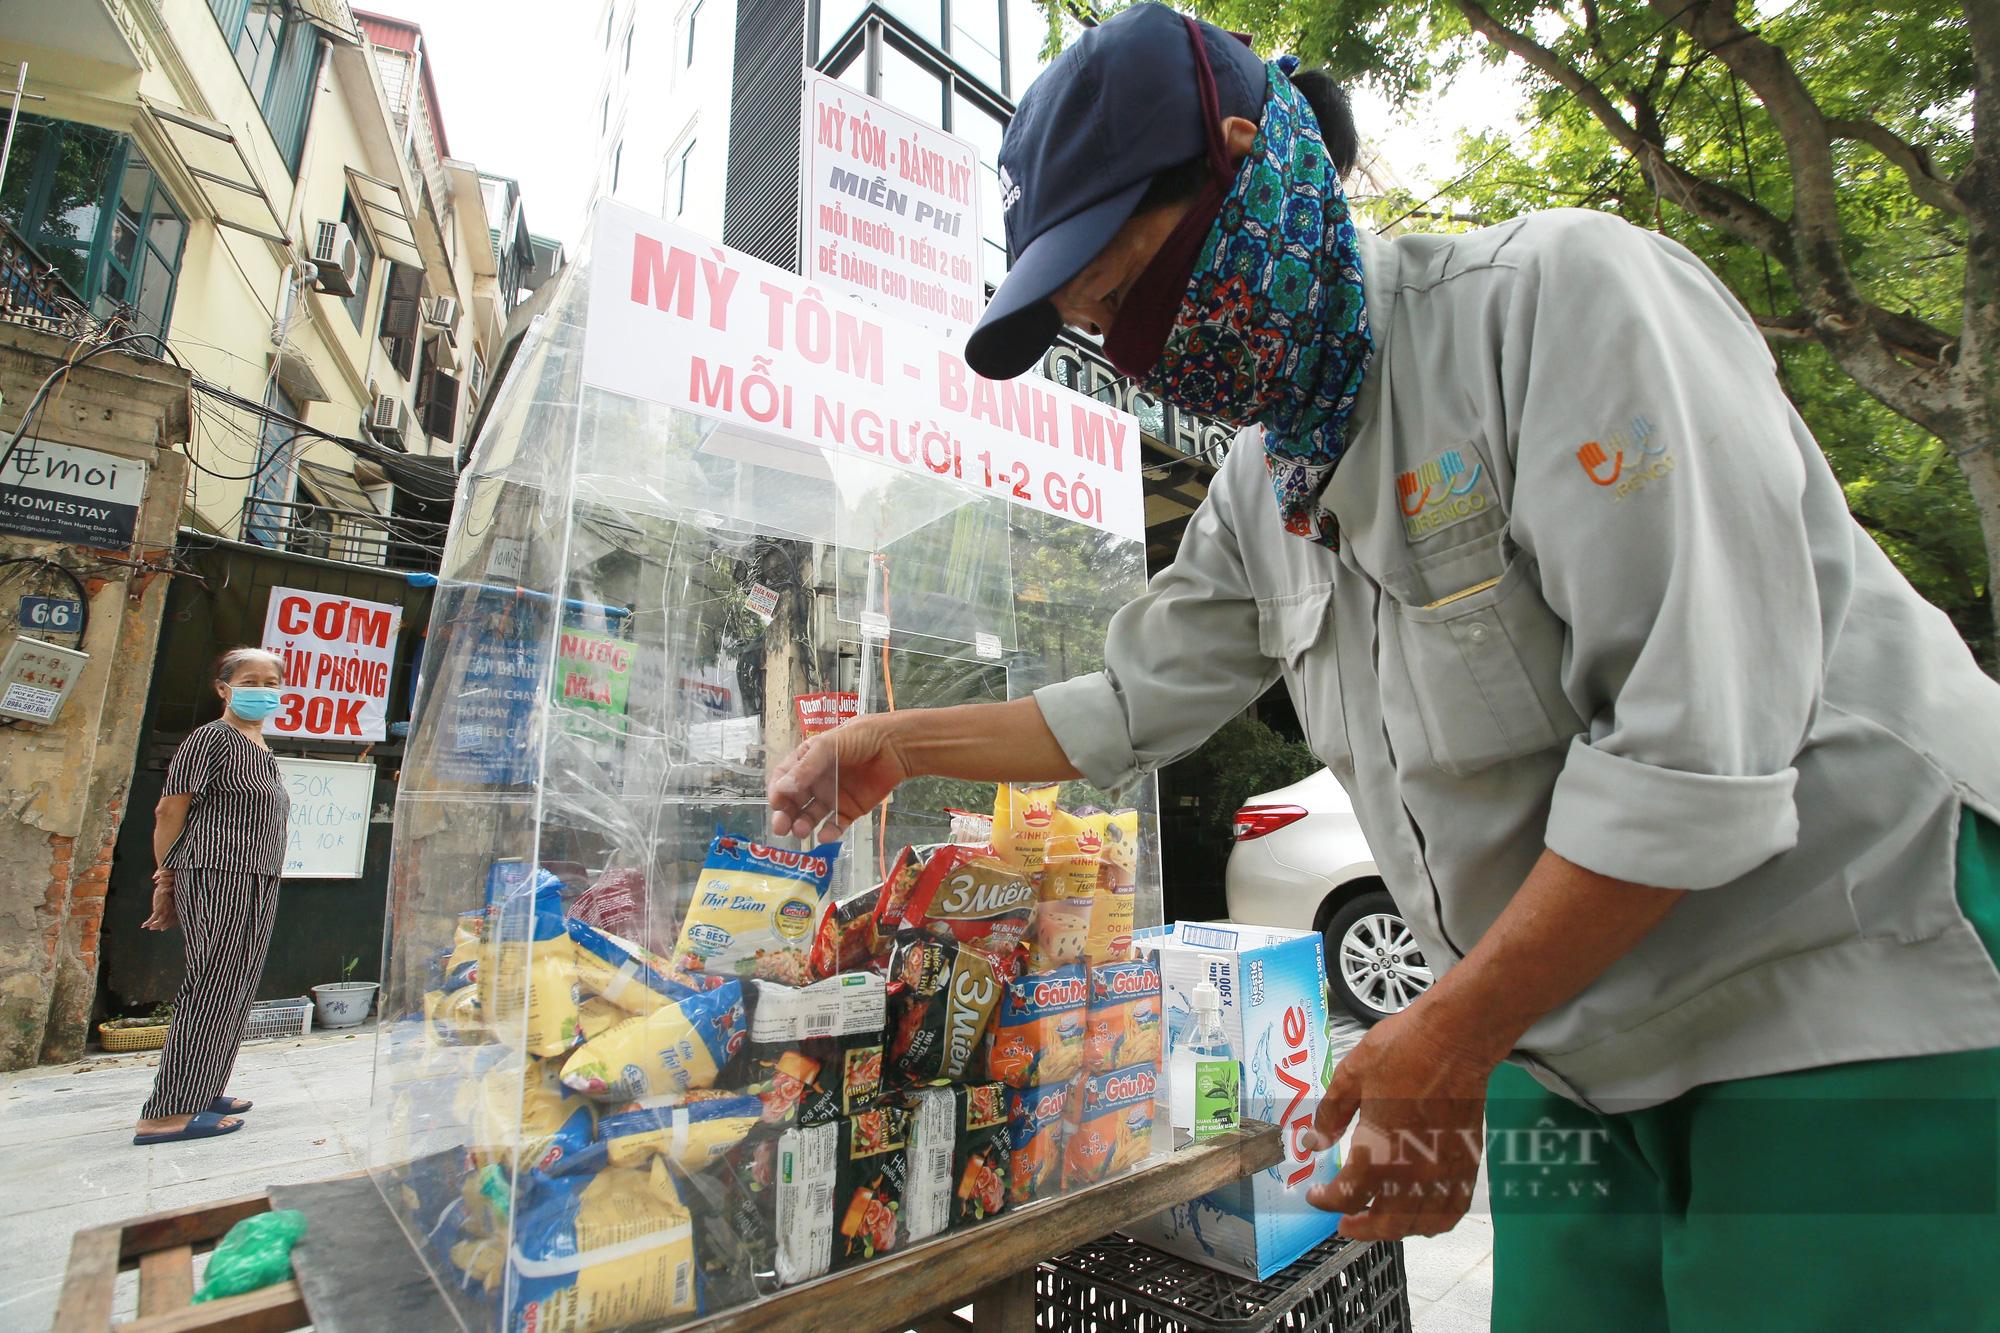 Ấm lòng tủ mì tôm, nước lọc miễn phí cho người khó khăn bên hè phố Hà Nội - Ảnh 4.